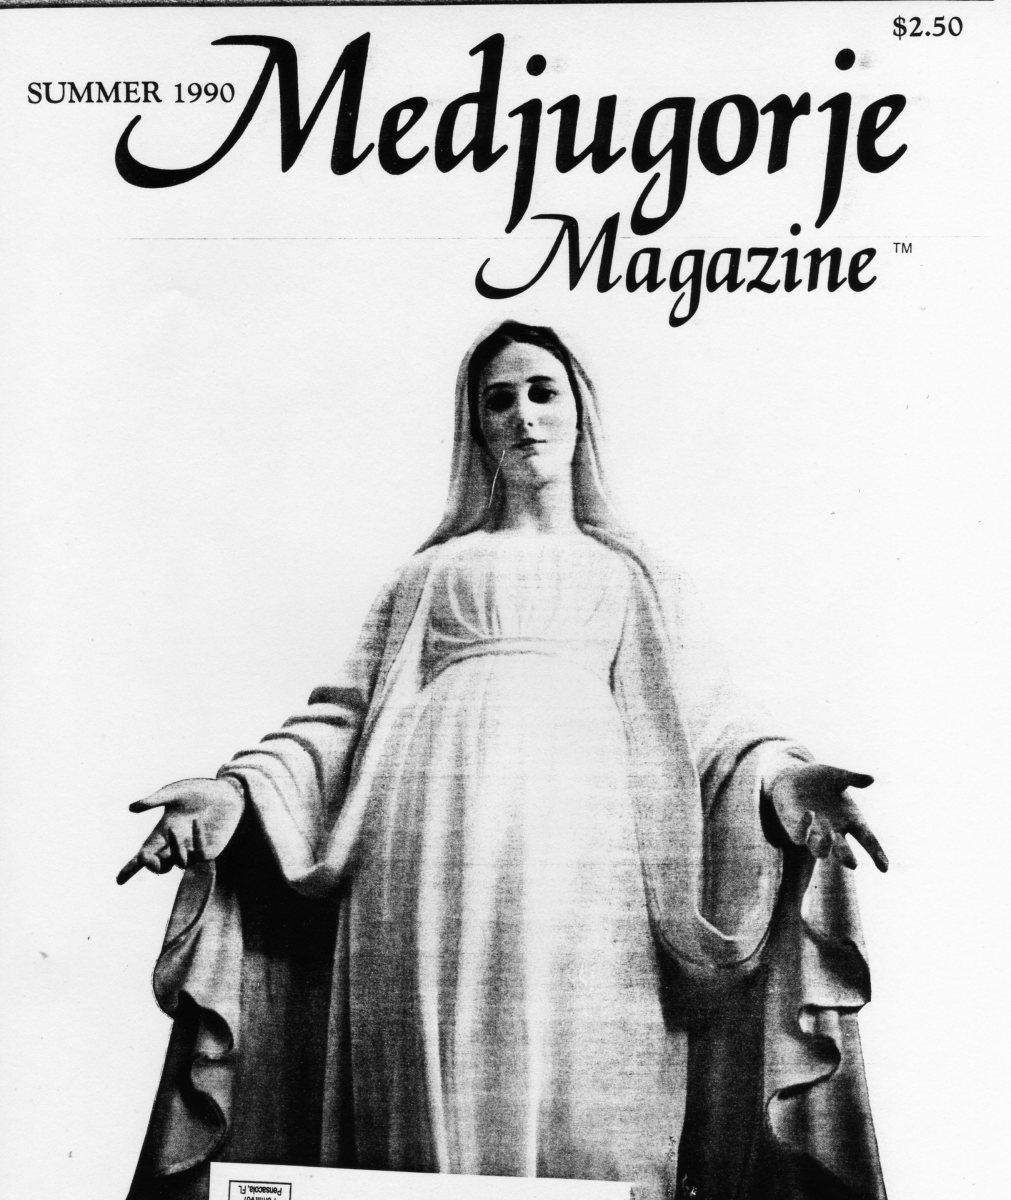 Medjugorje Magazine